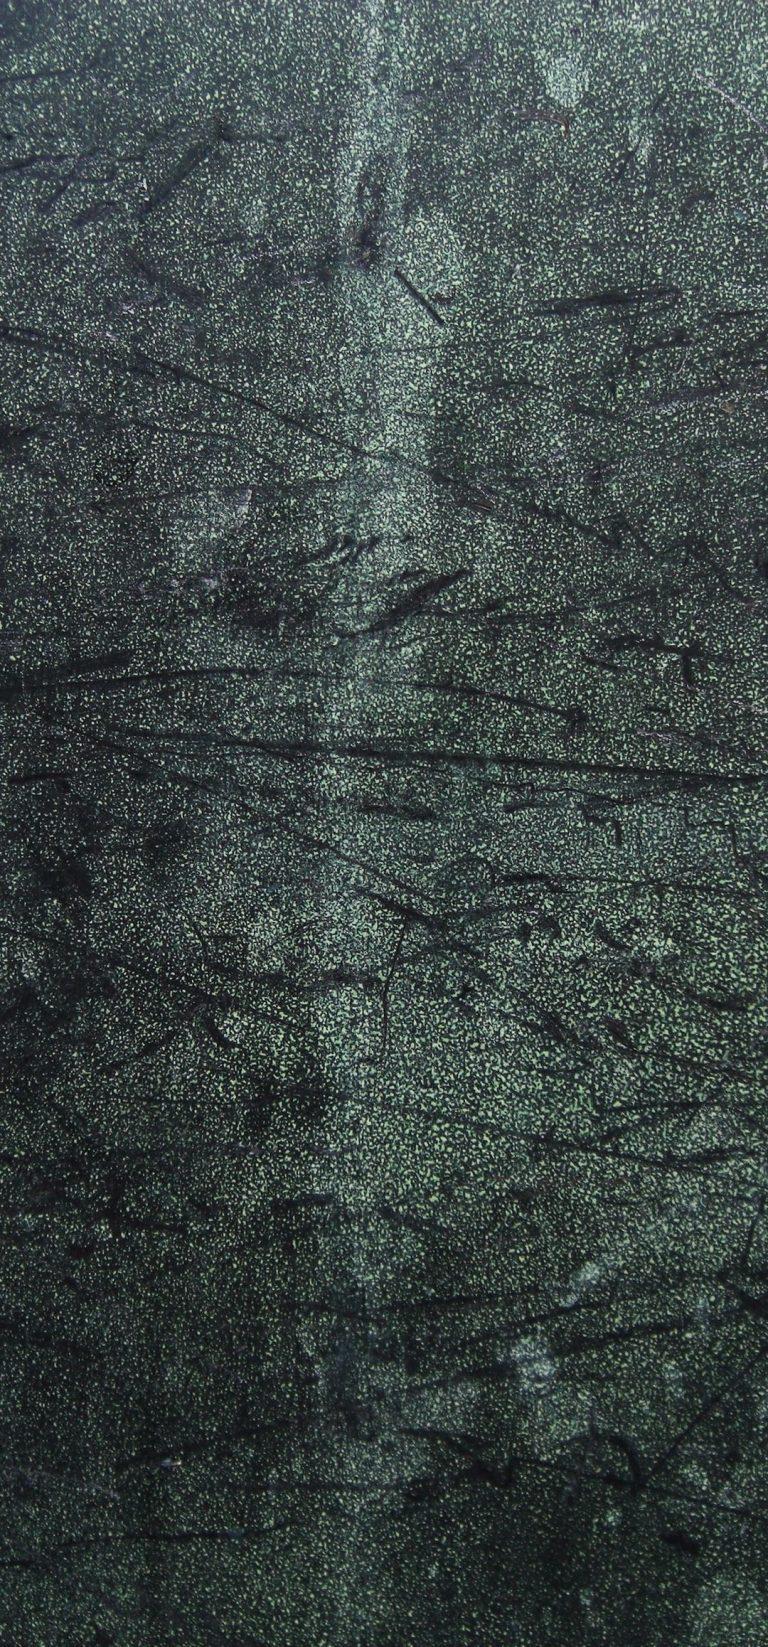 1080x2316 Wallpaper 273 768x1647